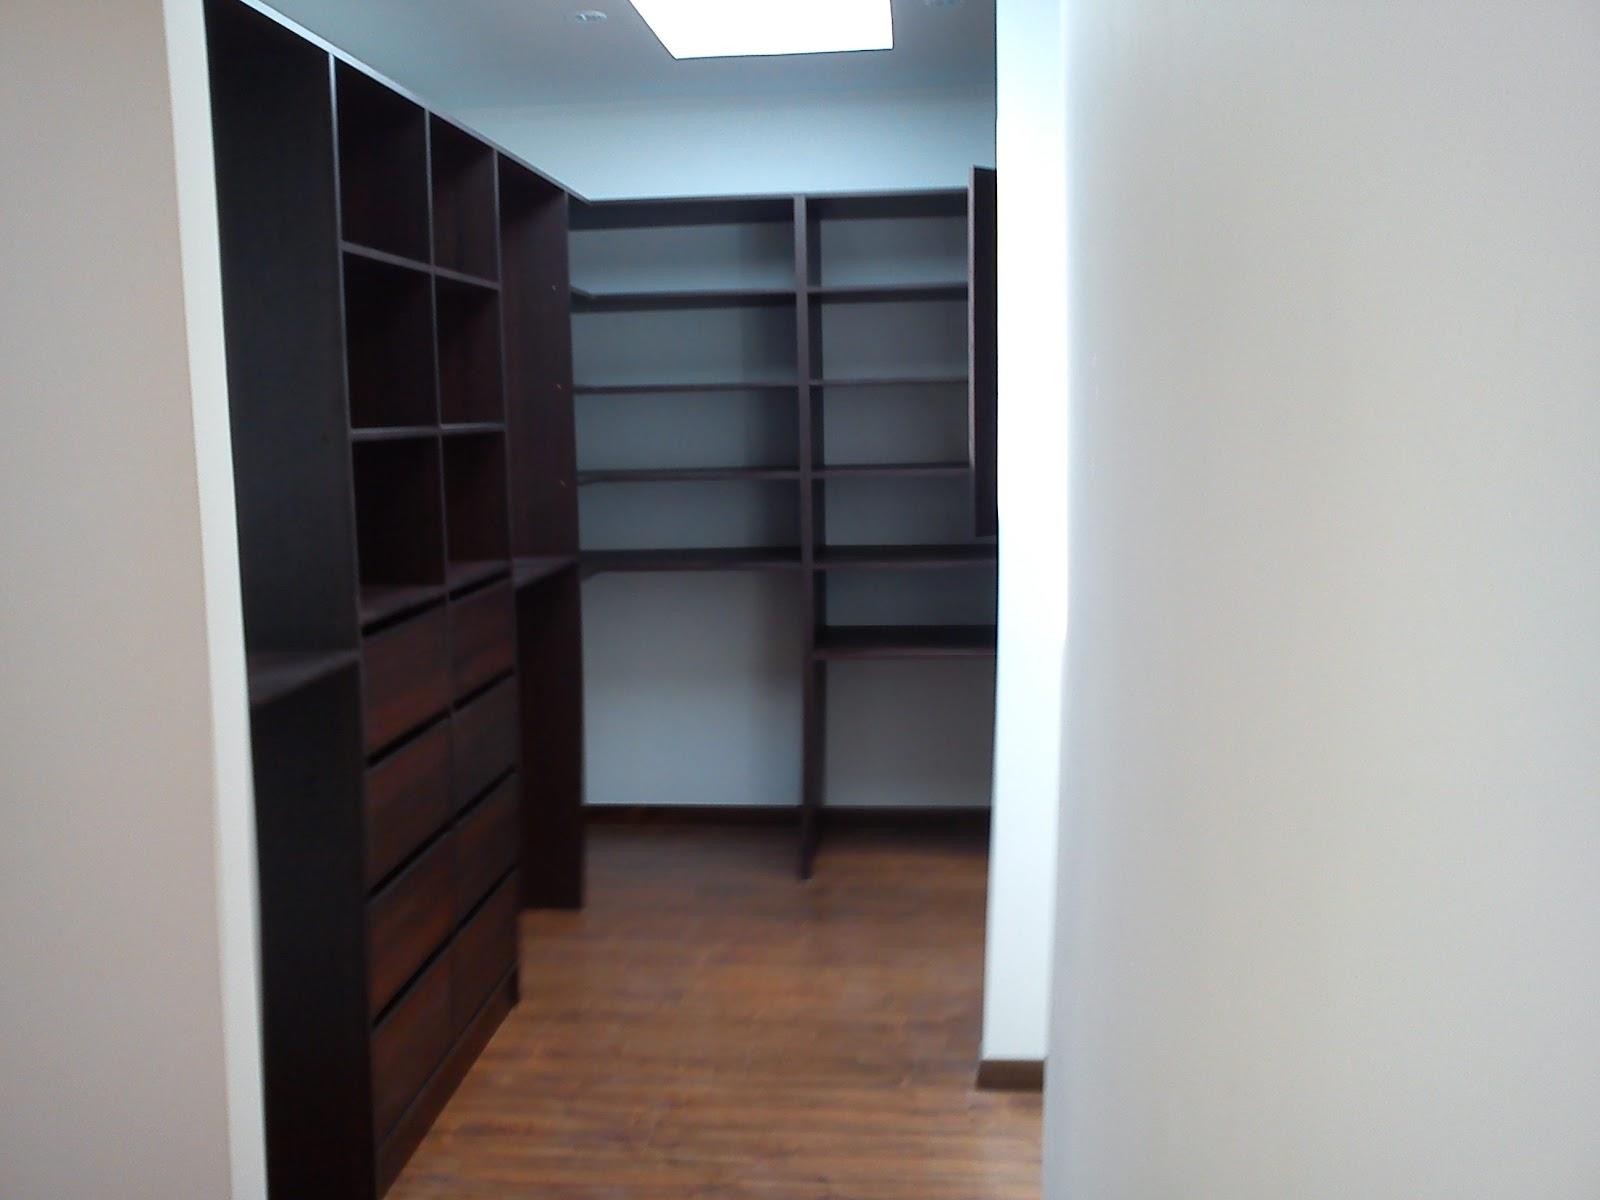 Muebles Soluciones Iquique 2012 # Muebles Soluciones